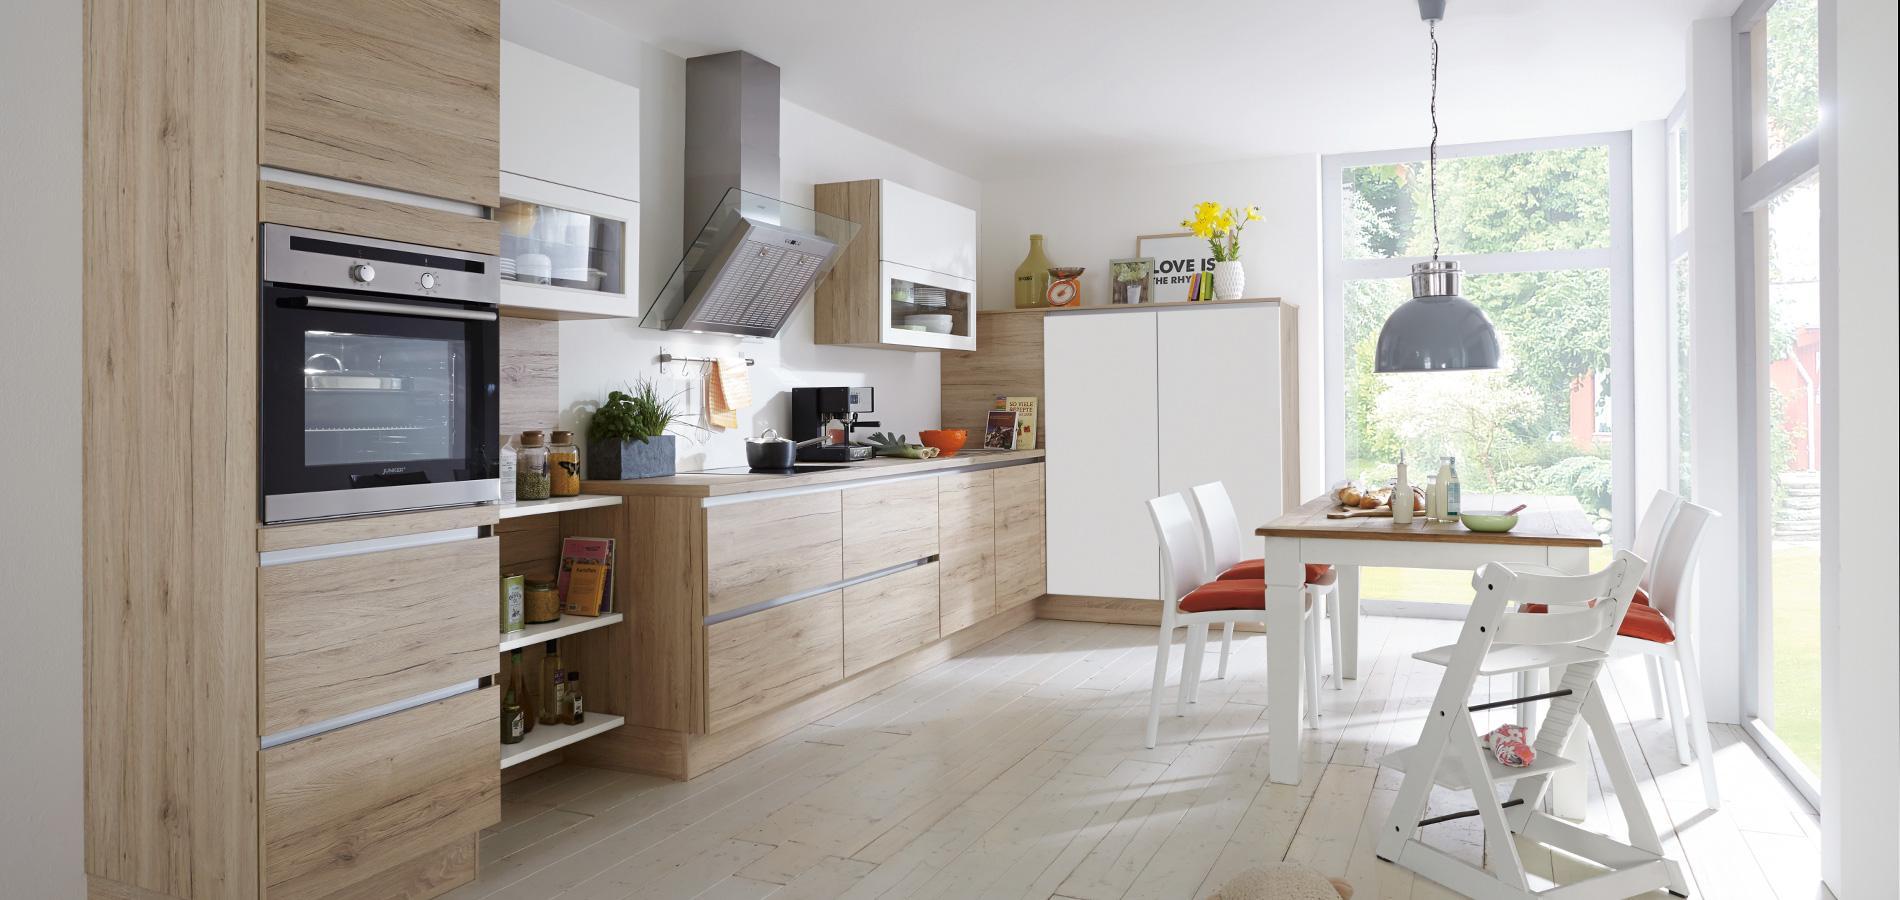 Comment aménager une cuisine en longueur ? - Madame Figaro